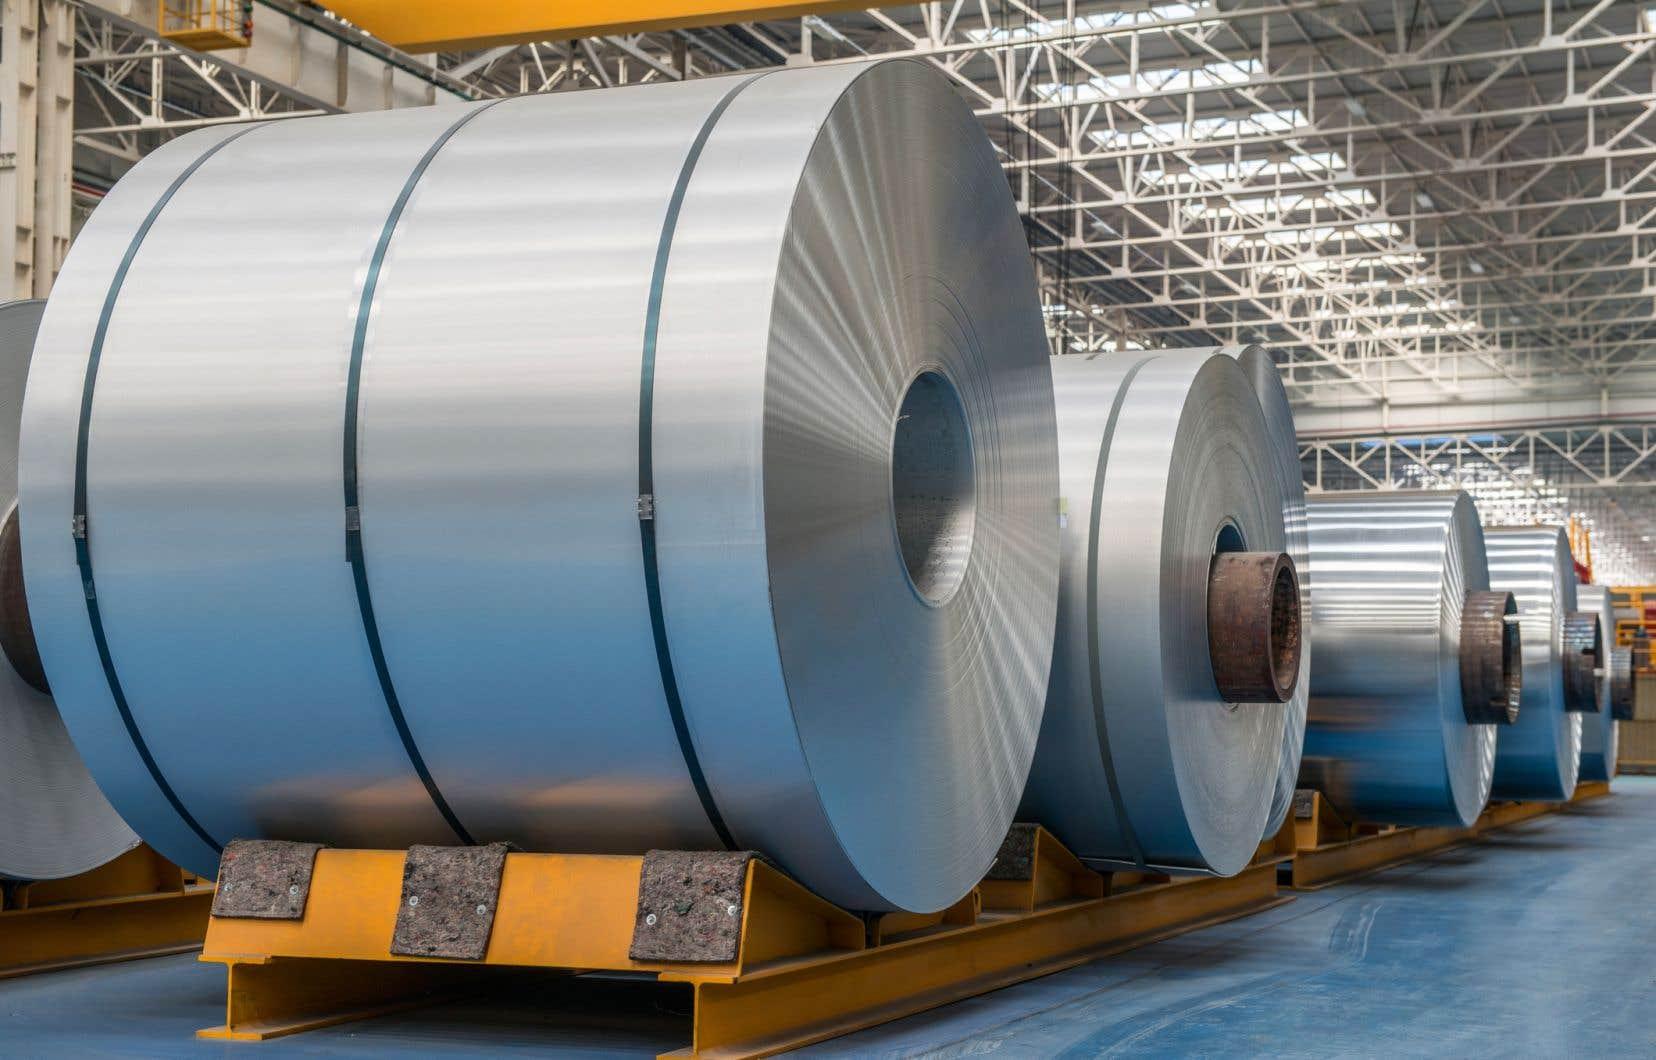 Un certain nombre d'entreprises américaines se sont plaintes d'une augmentation soudaine des importations canadiennes d'aluminium aux États-Unis.